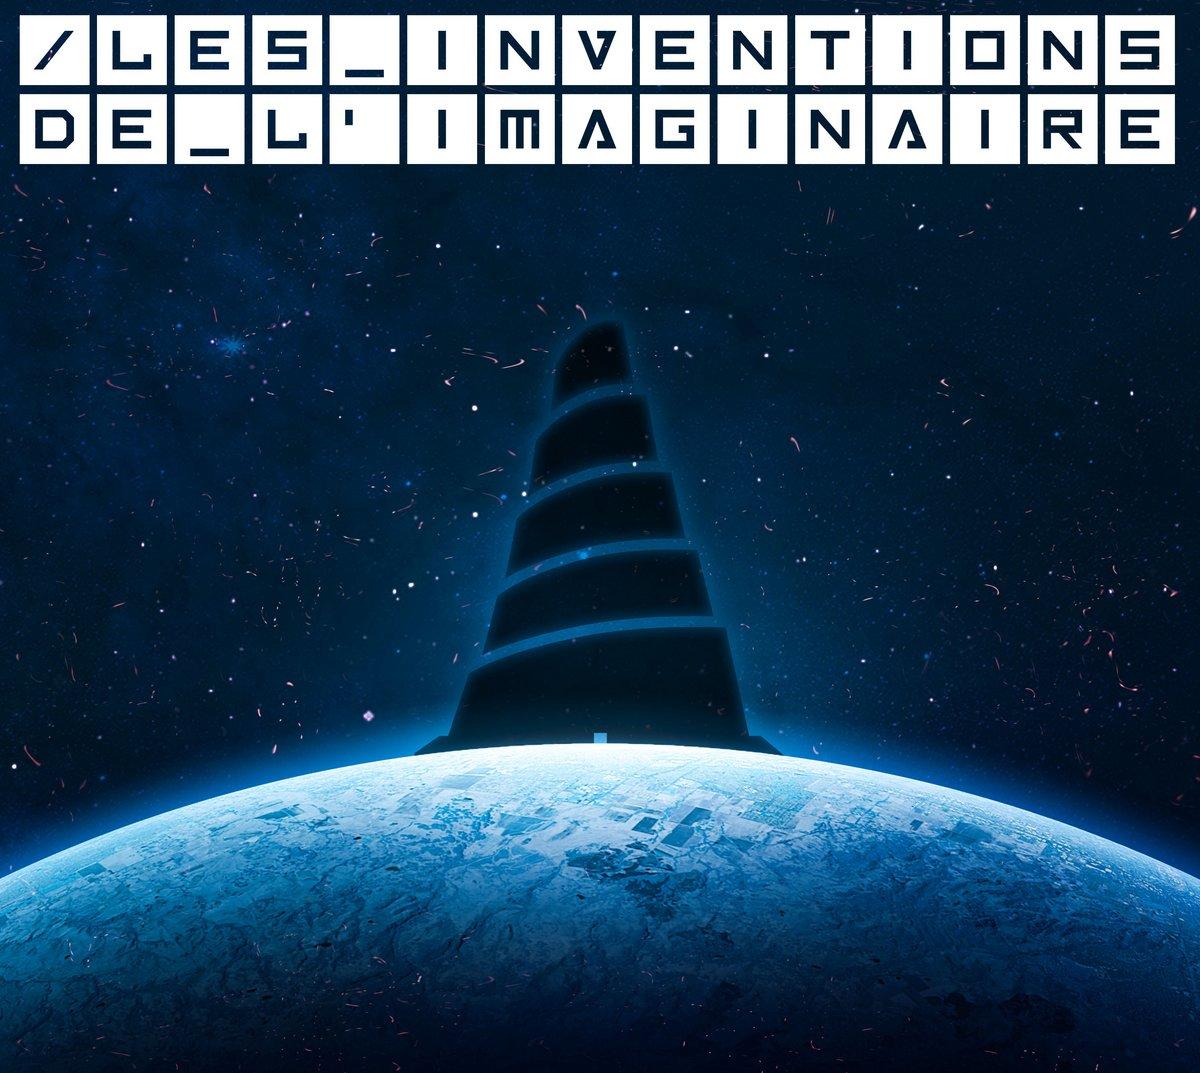 Inventions de limaginaire 4 © Clubic.com x Shutterstock